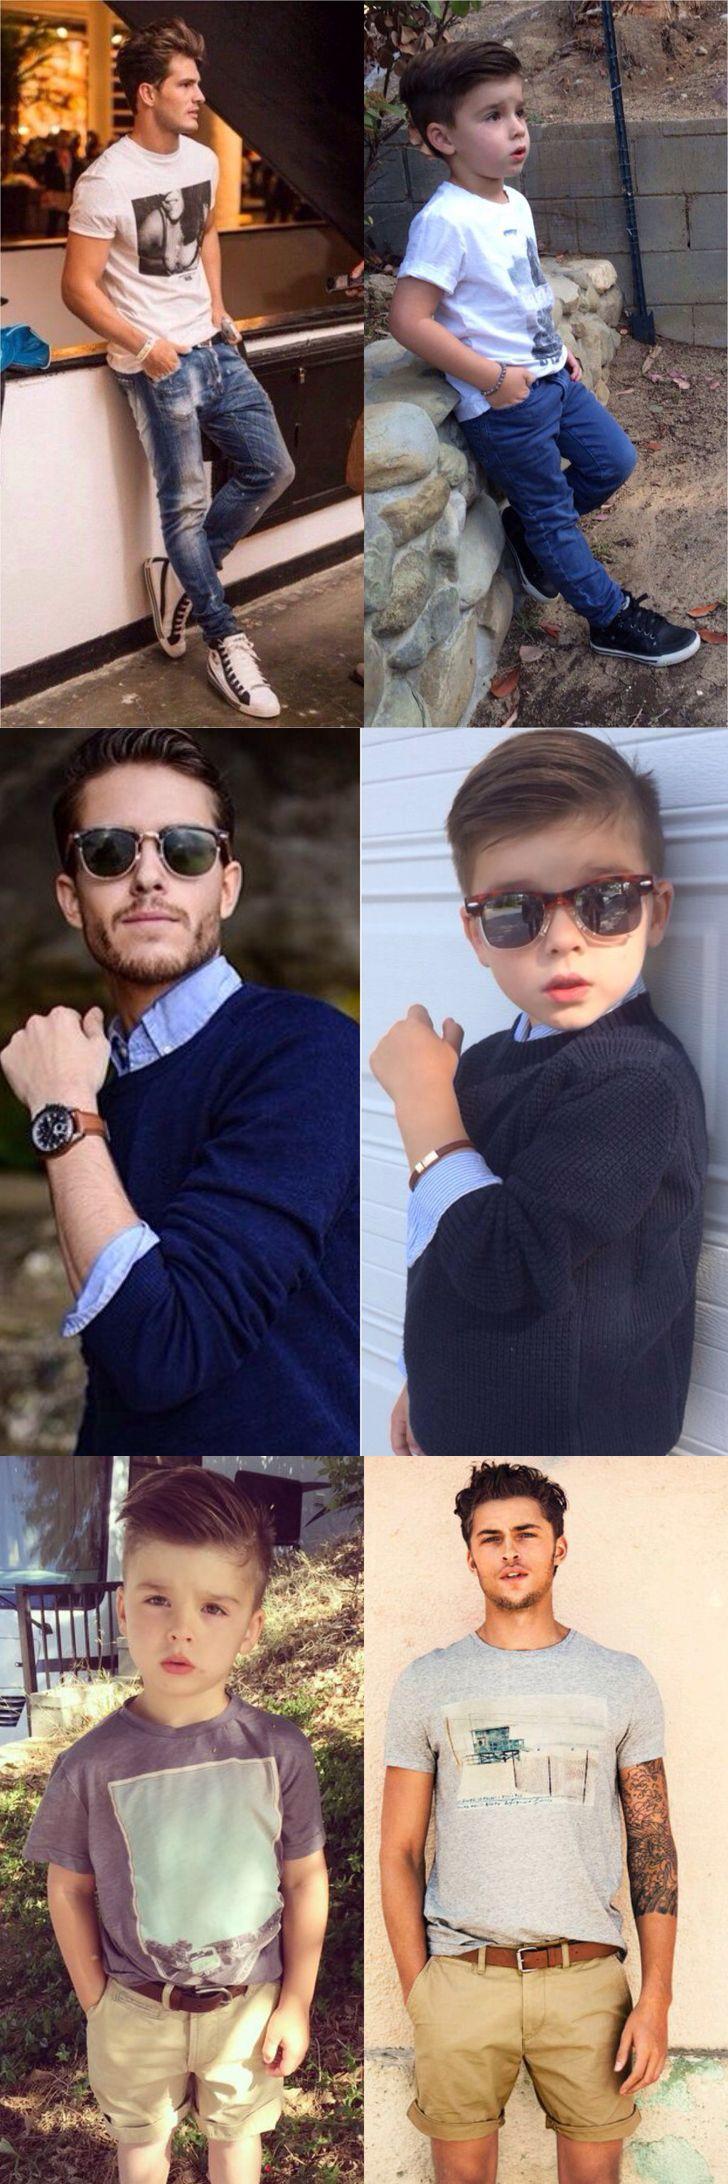 Classy Men Style Kids